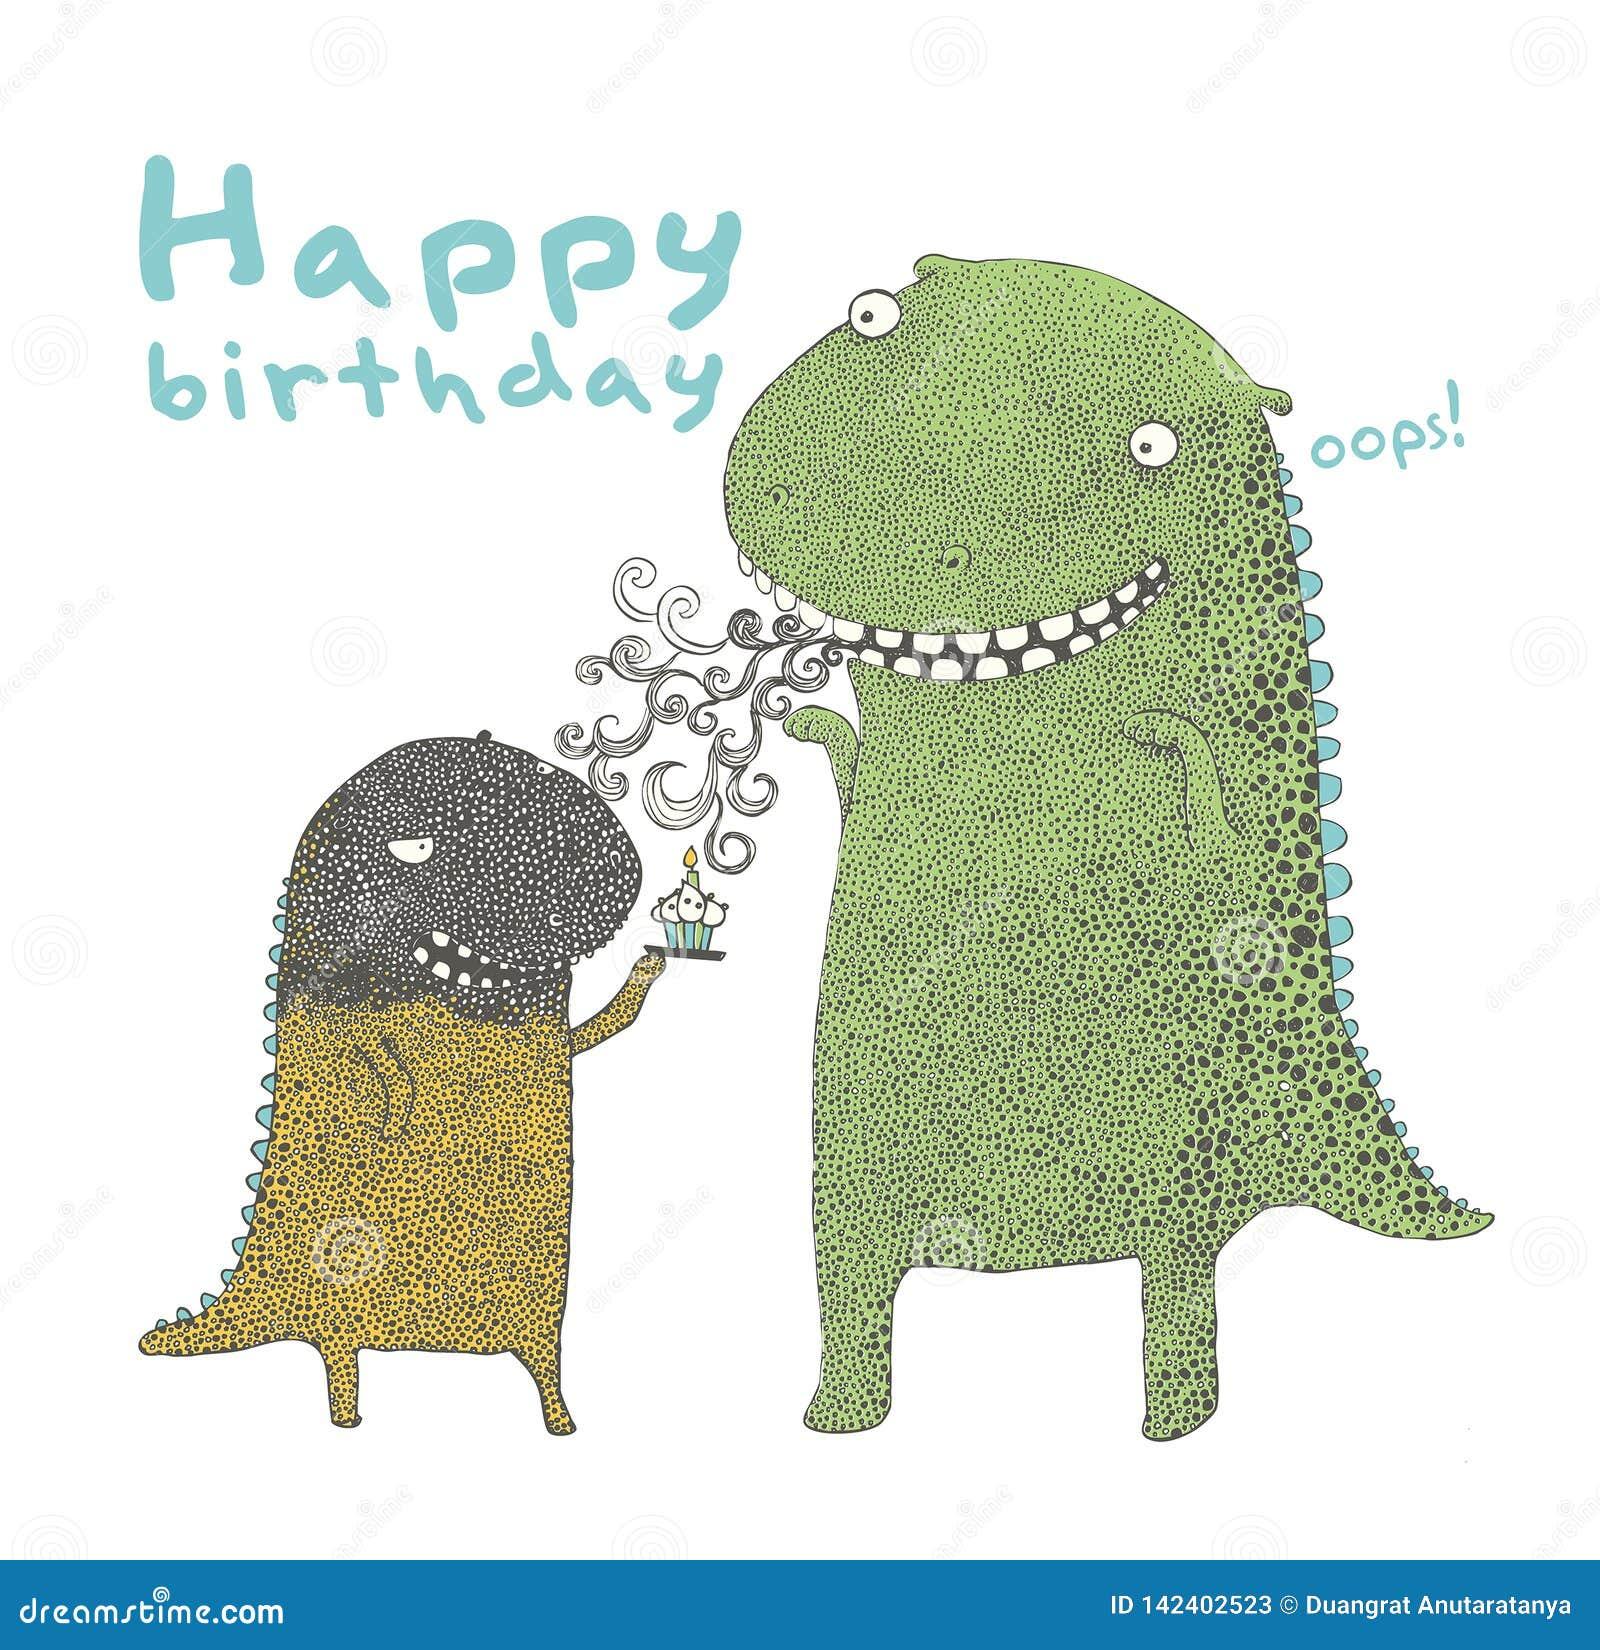 Dinosaurien för den lyckliga födelsedagen, gör en önska, lycklig födelsedag till dig, vektor